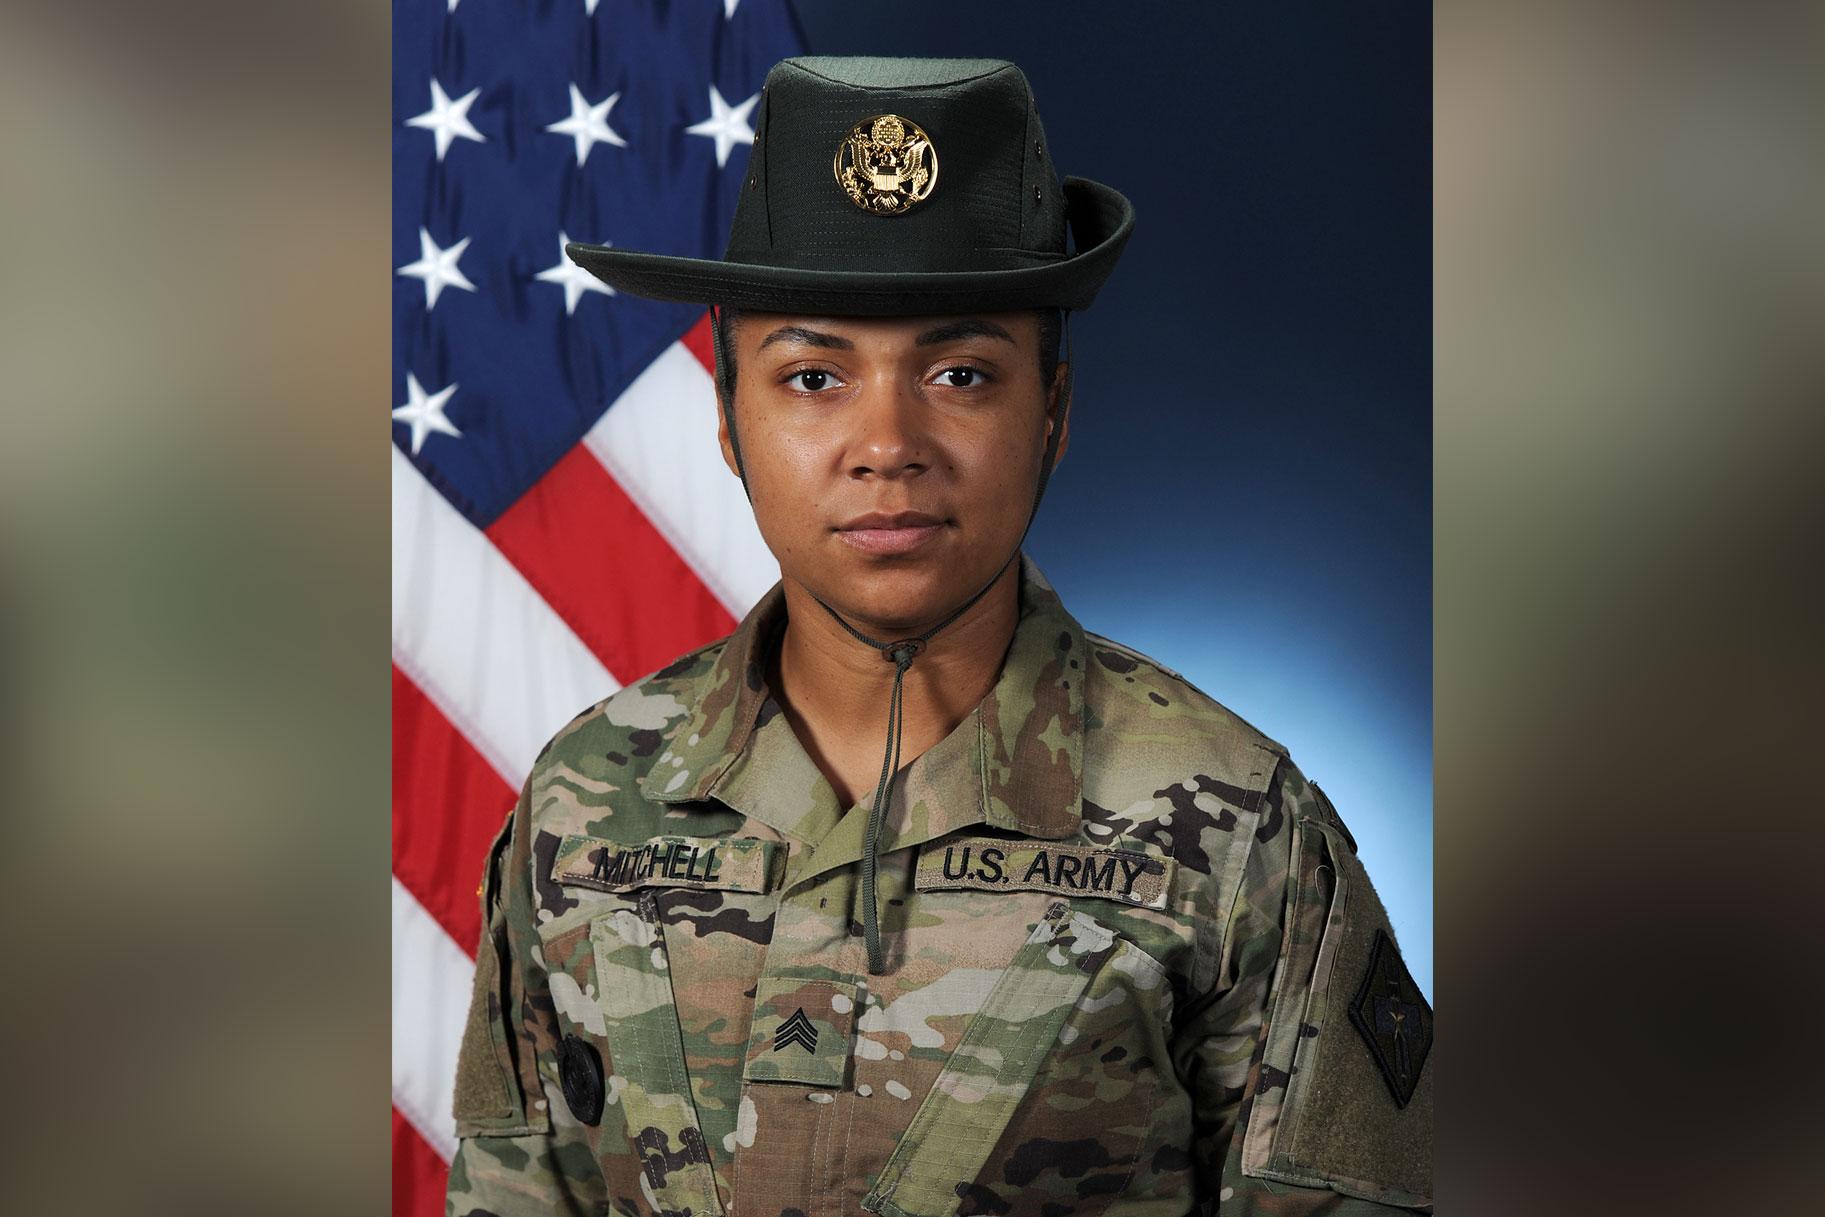 Ametnikud uurivad Texases kahe naissõduri salapäraseid surmajuhtumeid